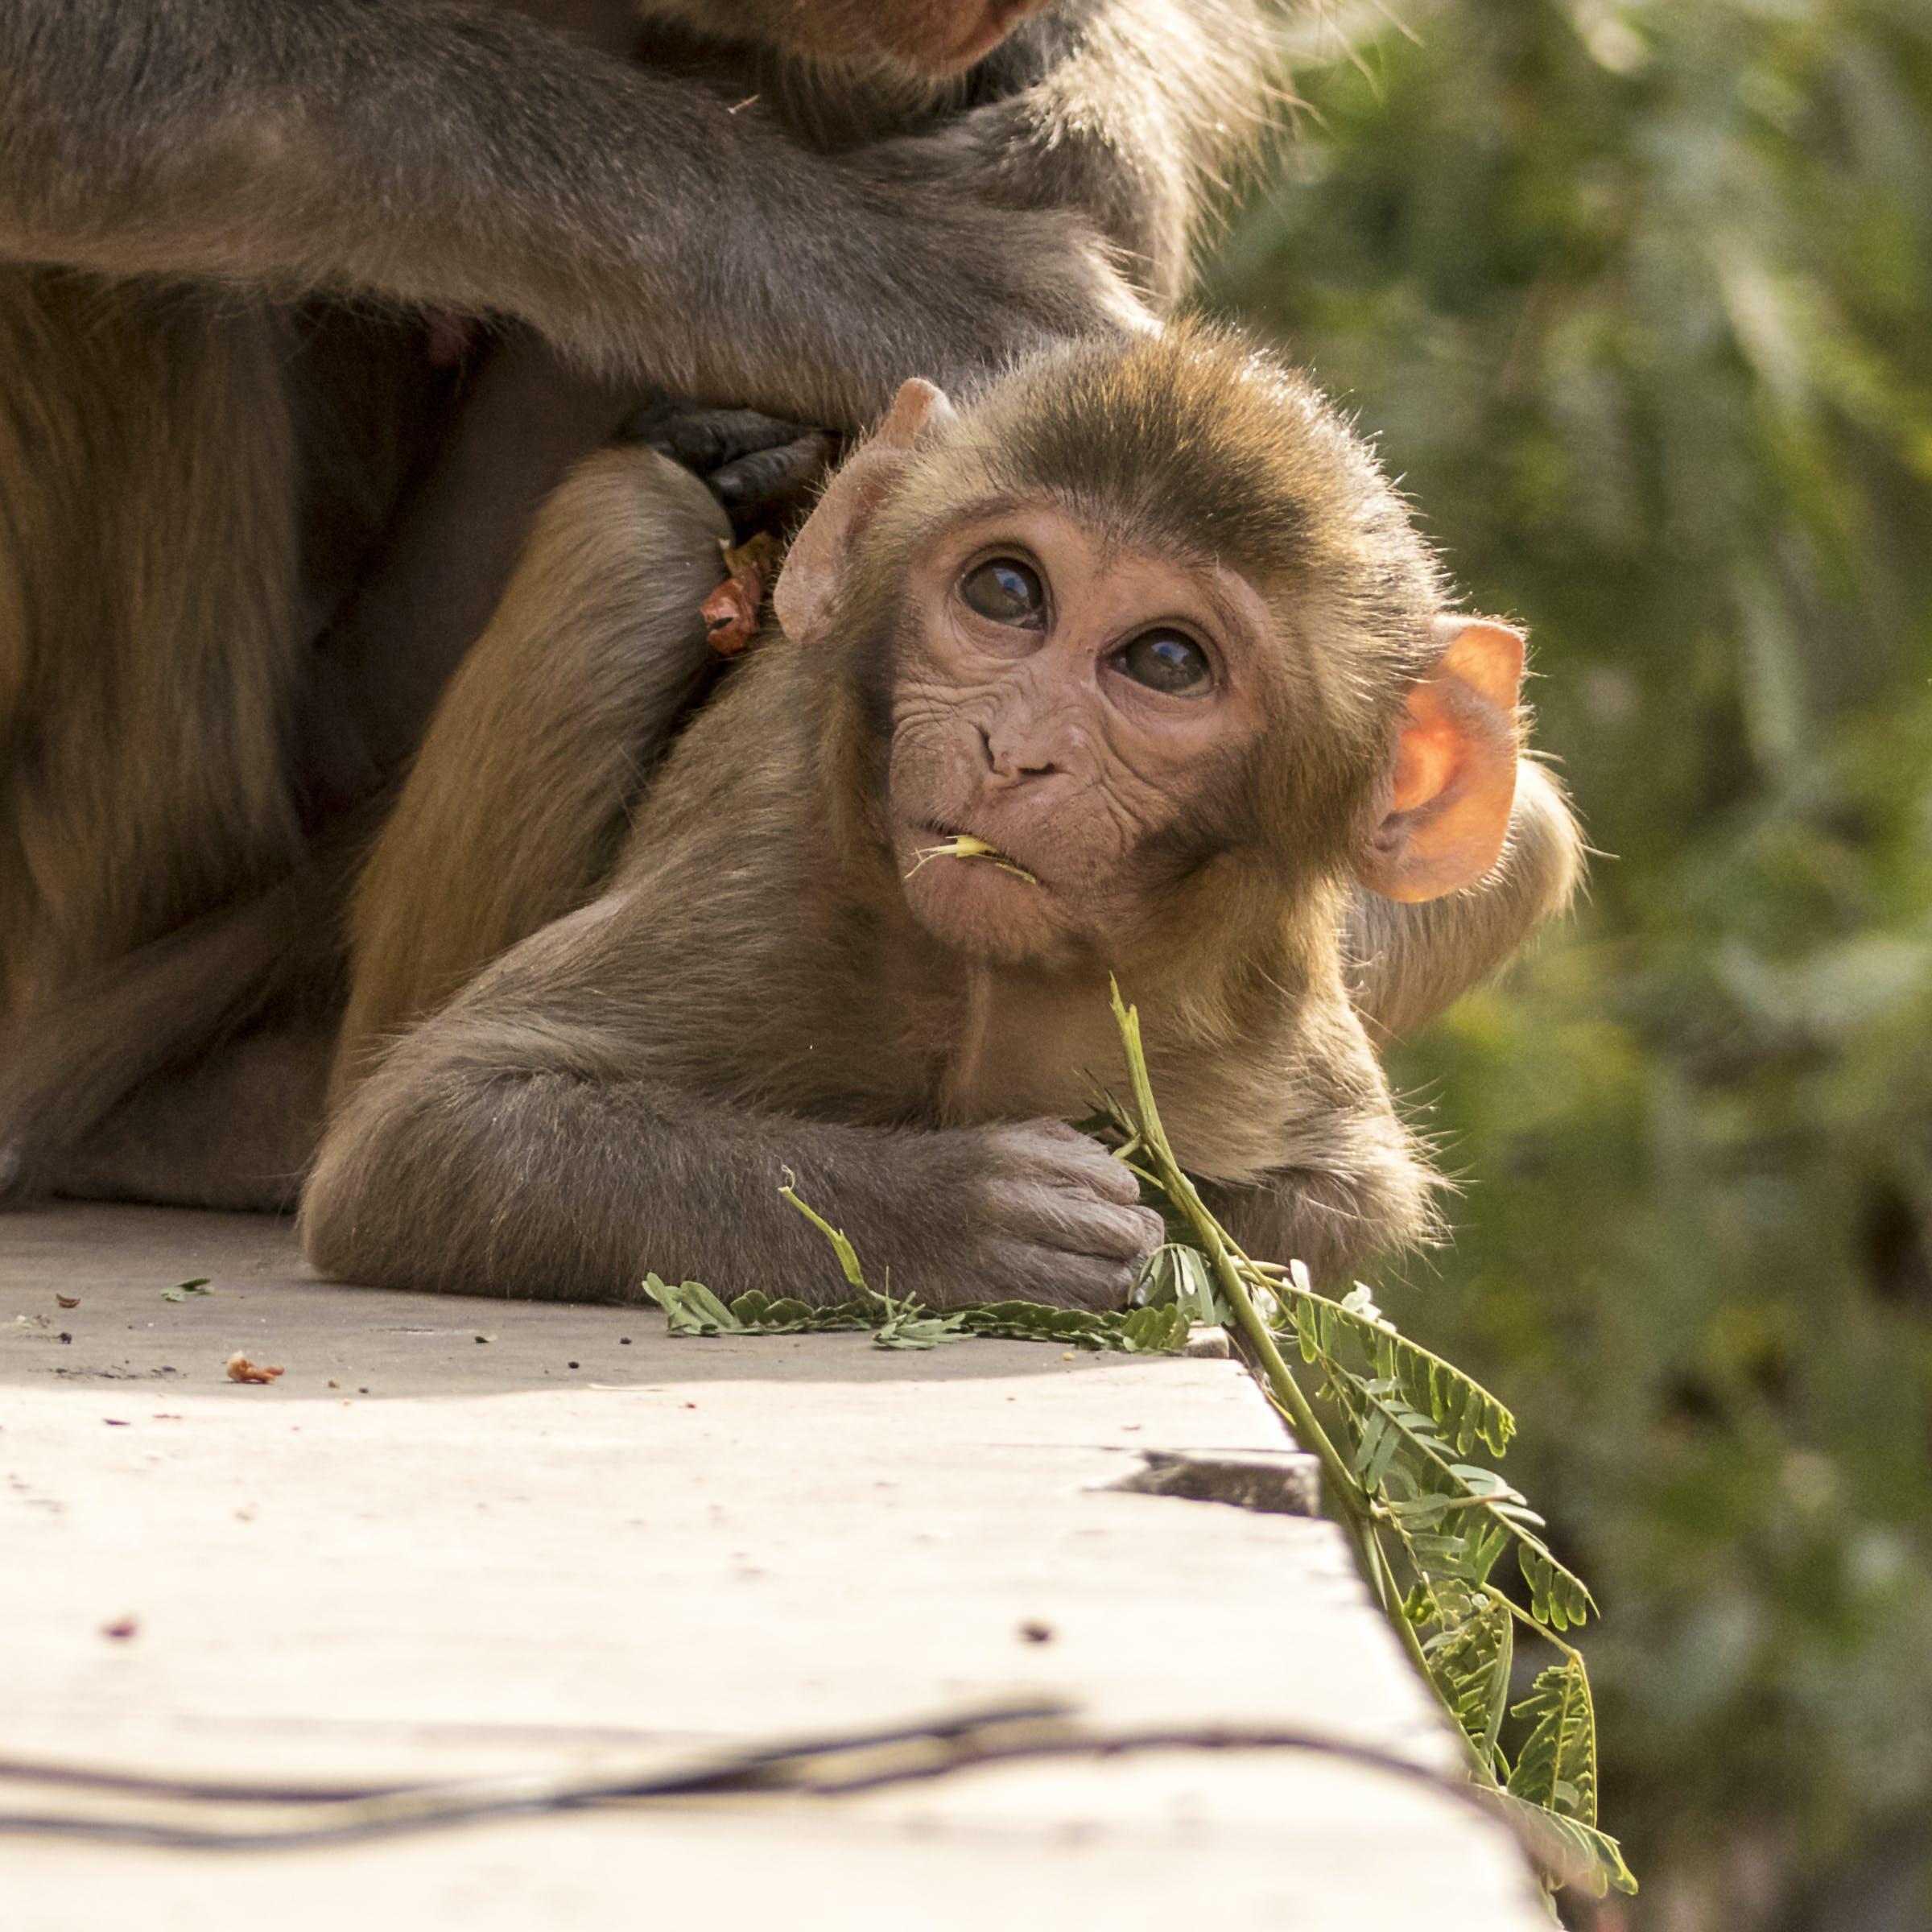 Δωρεάν στοκ φωτογραφιών με μωρό μαϊμού, τρώγοντας